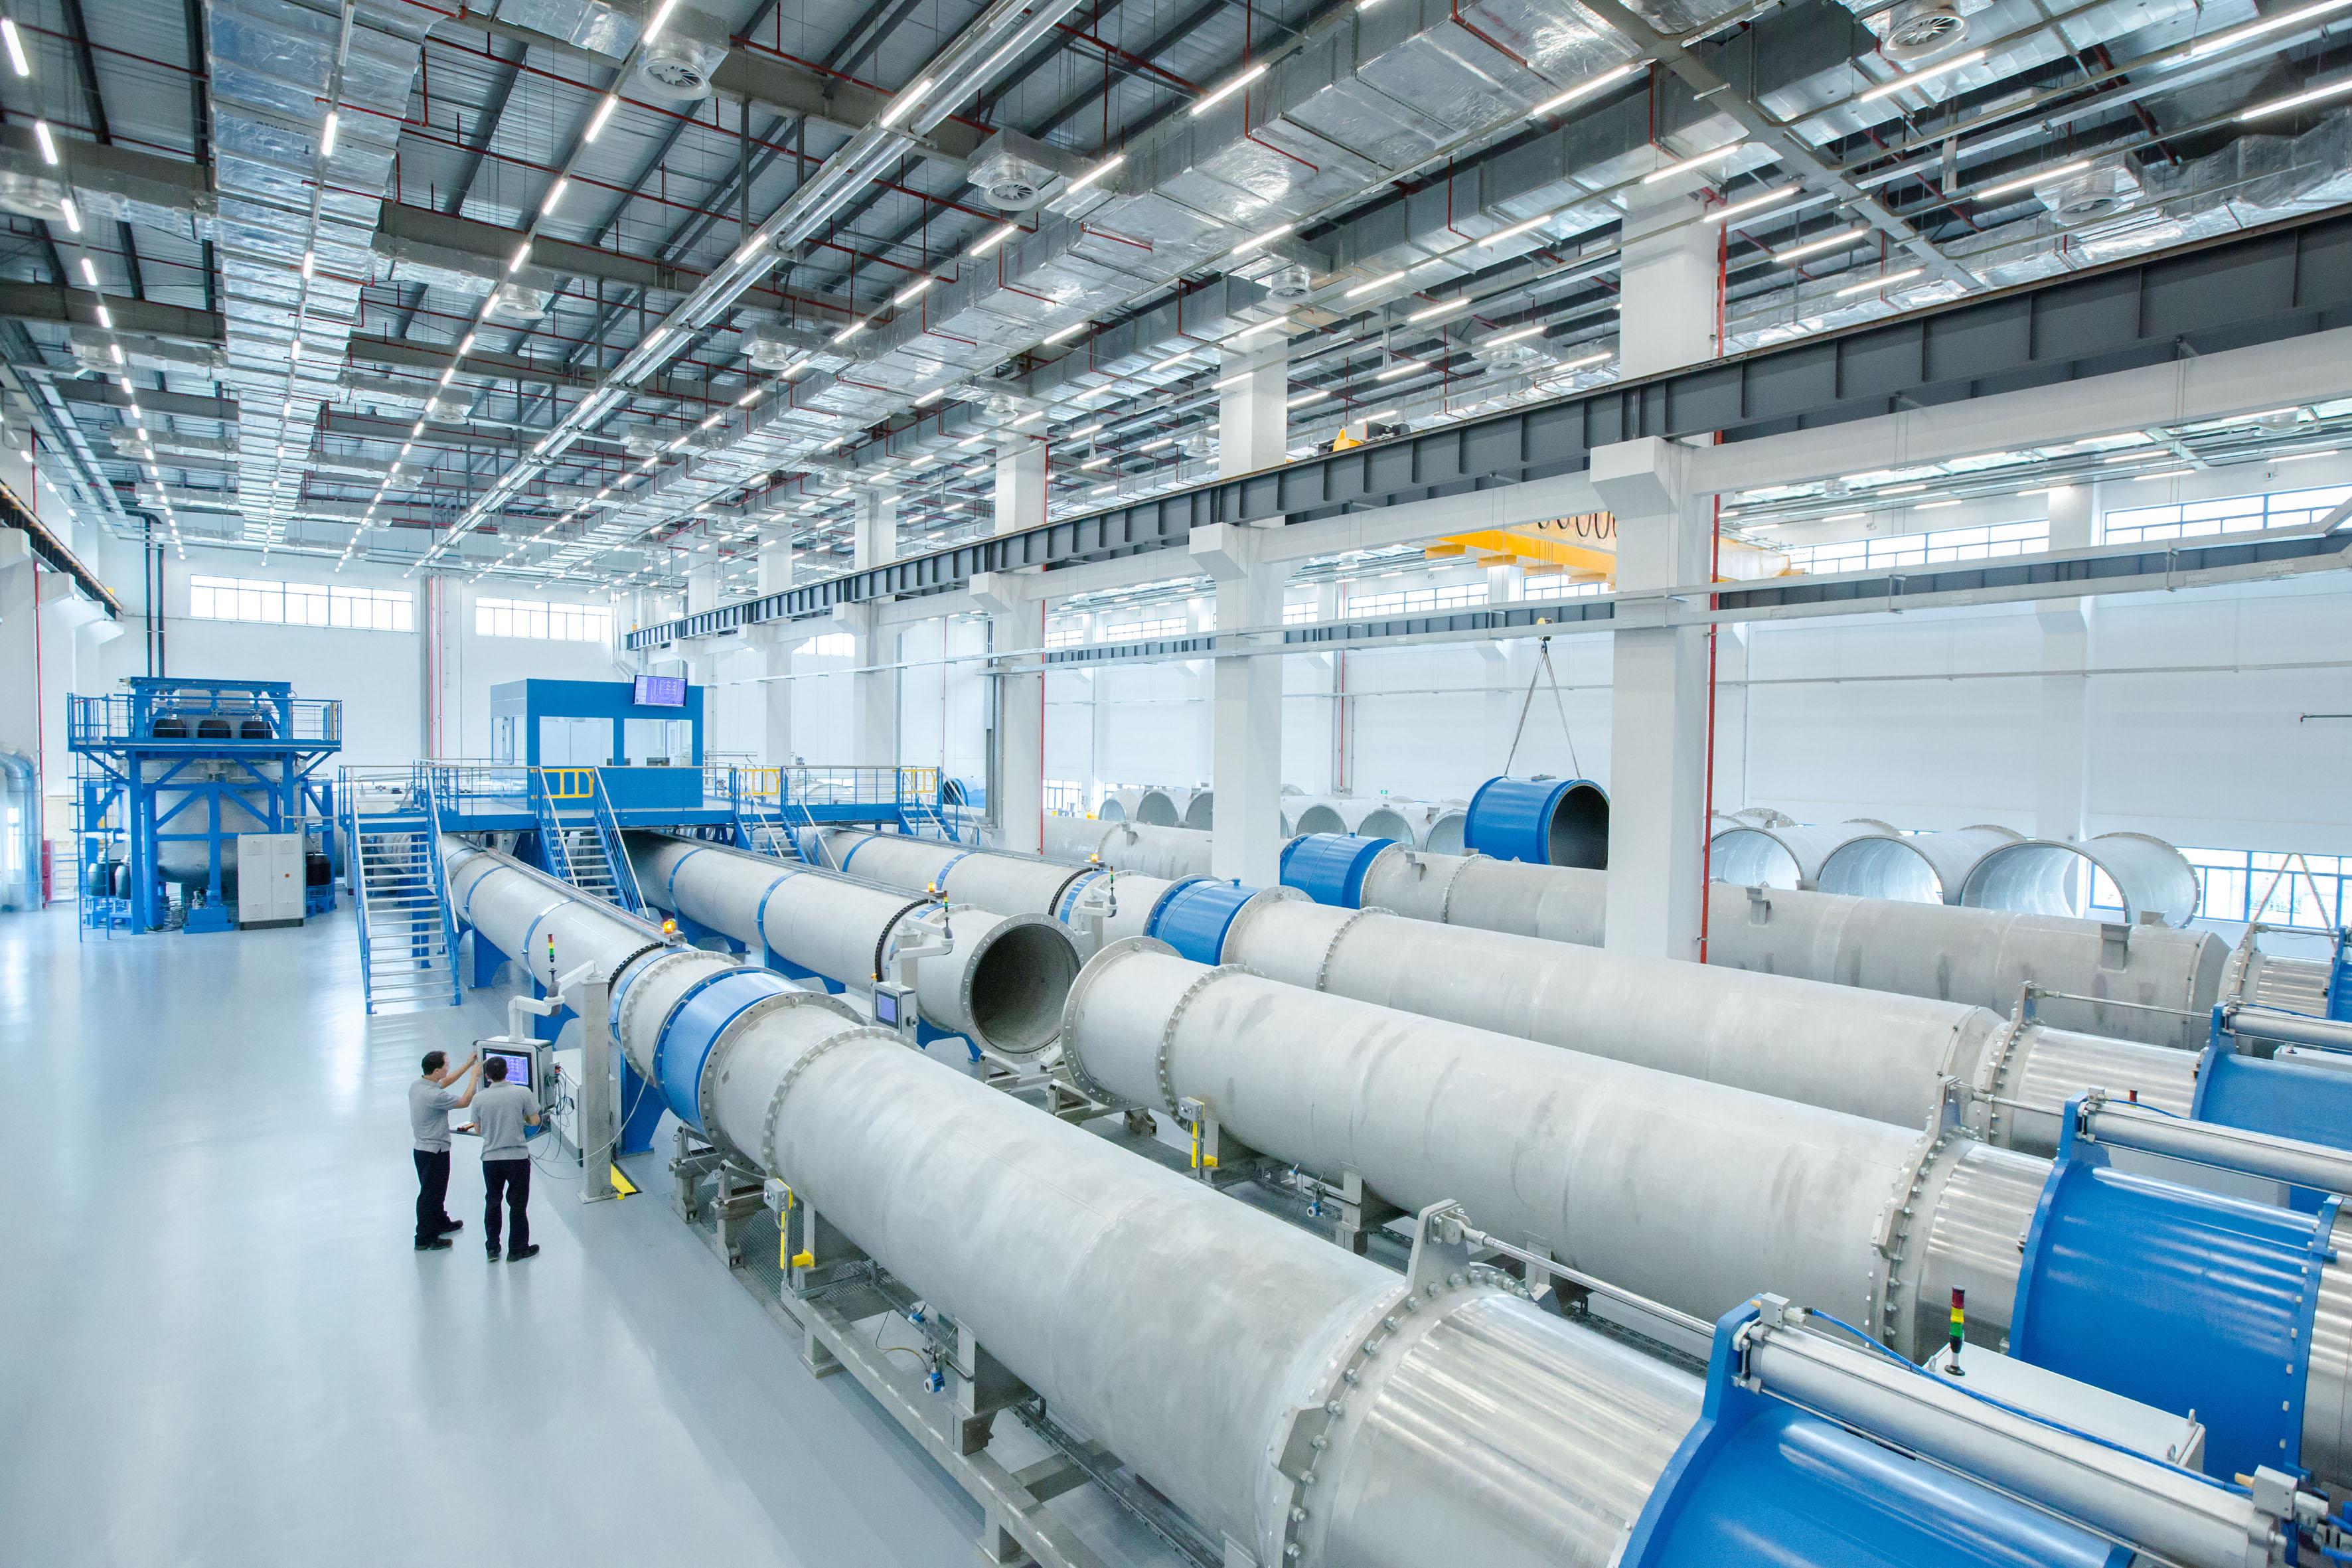 Endress+Hauser kalibriert weltweit Durchflussmessgeräte nach den gleichen Standards. Die neue Anlage im chinesischen Suzhou ist für sehr große Instrumente mit bis zu 3.000 Millimeter Durchmesser ausgelegt.